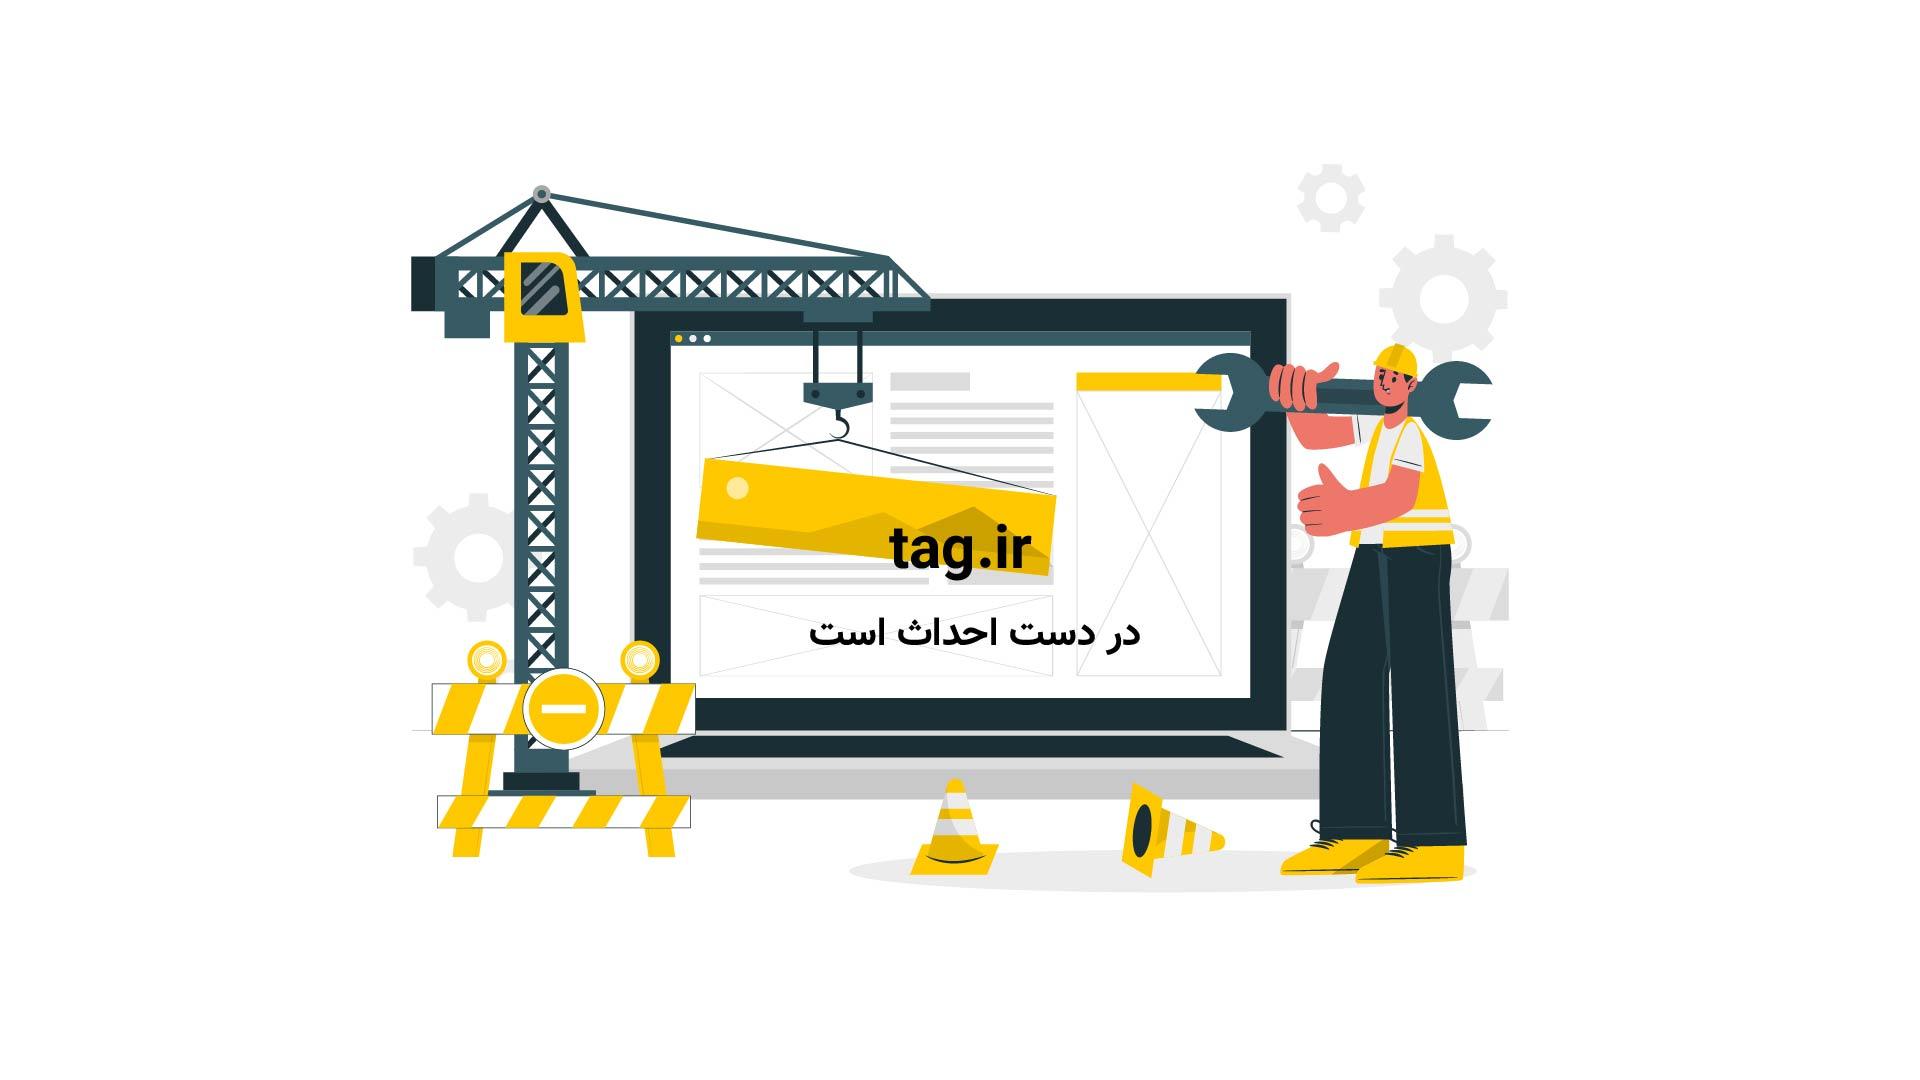 فرو ریختن پل در ایتالیا قربانی گرفت | فیلم